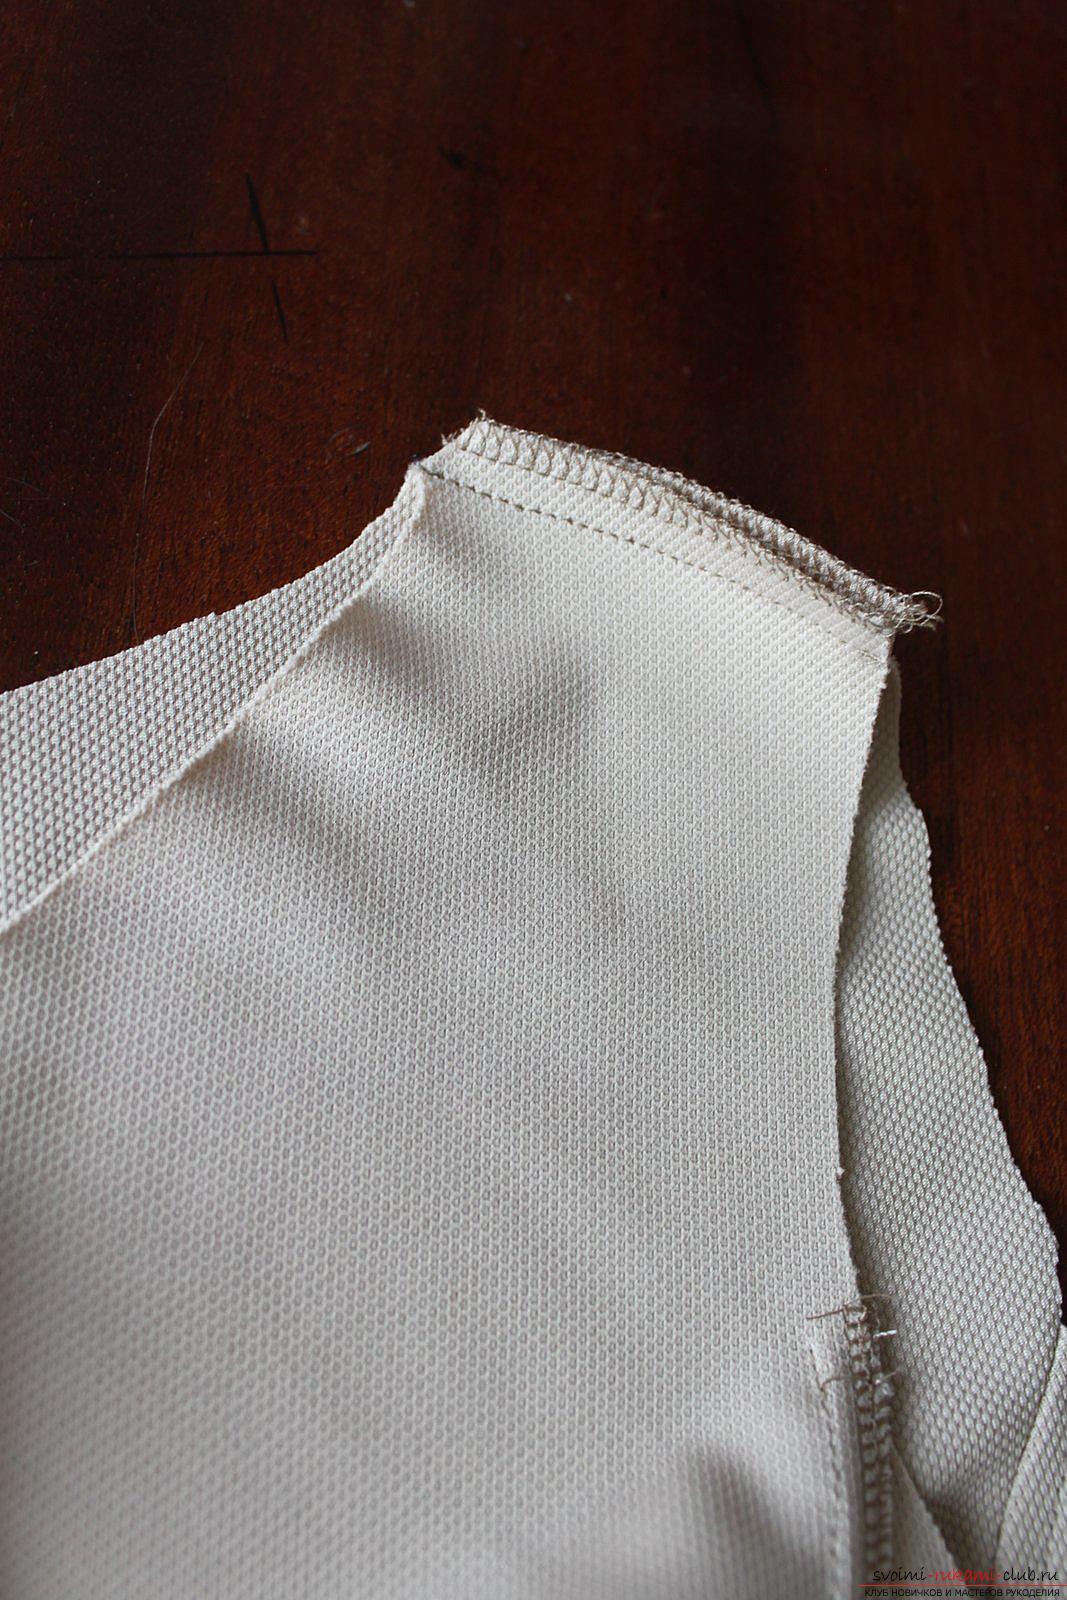 Этот подробный мастер-класс с фото и выкройкой научит шитью своими руками блузки с баской.. Фото №14